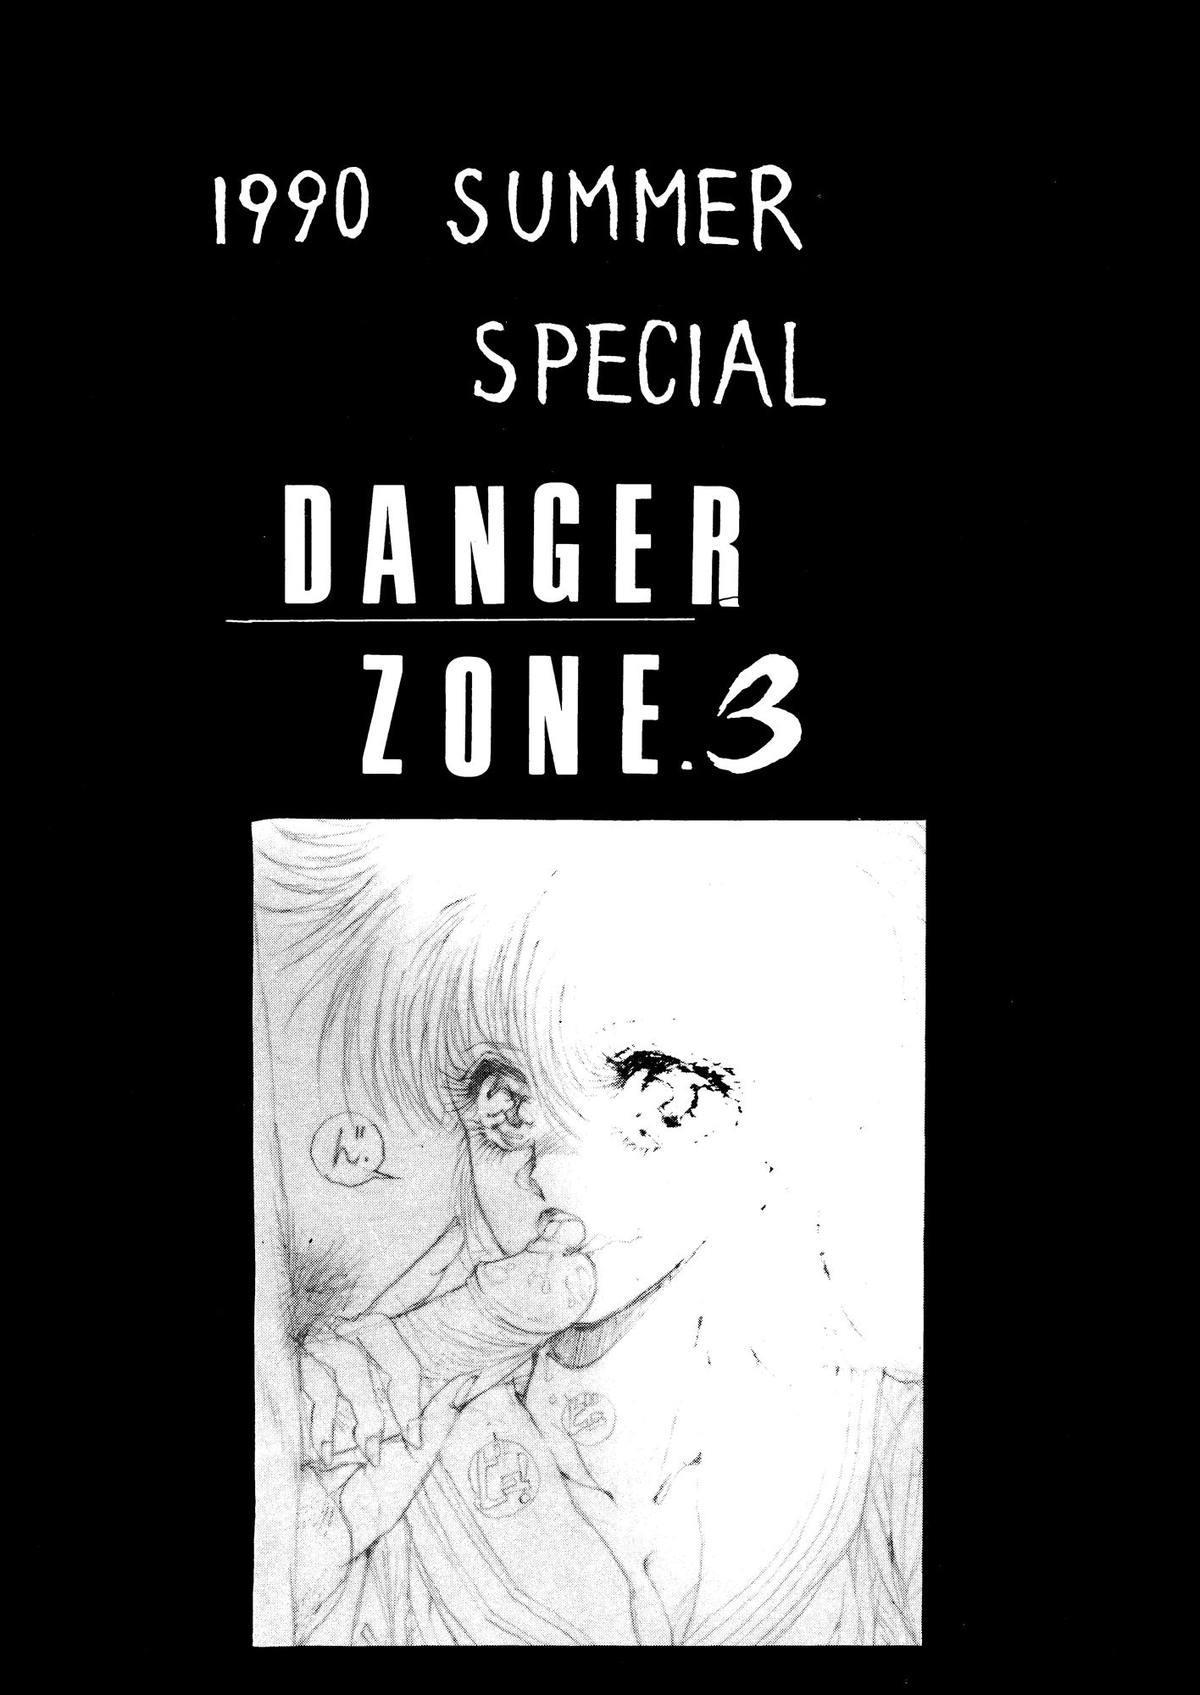 DANGER ZONE .3 2